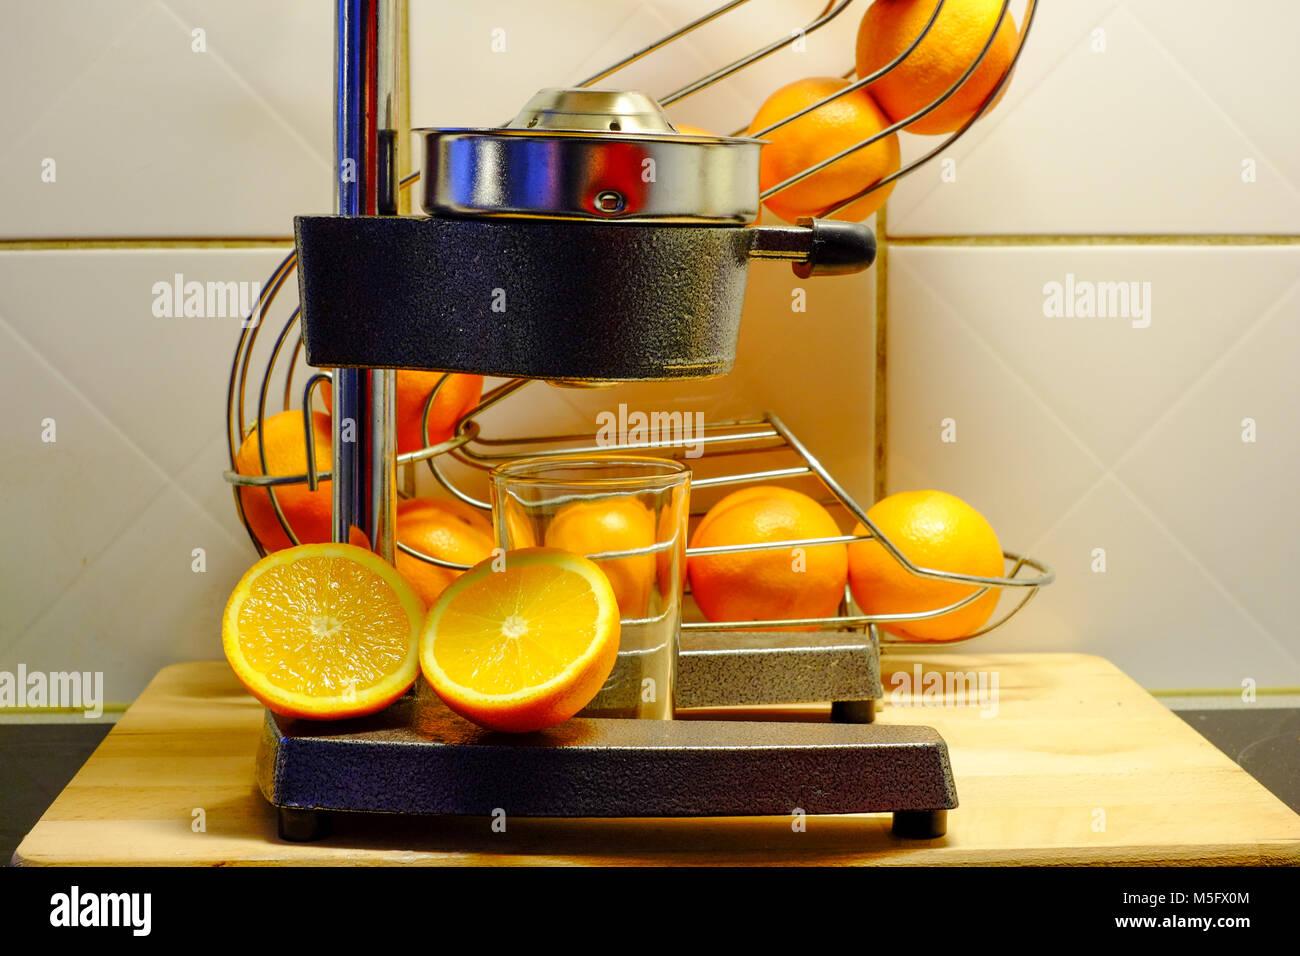 Preparar zumo de naranja recién exprimido con un exprimidor